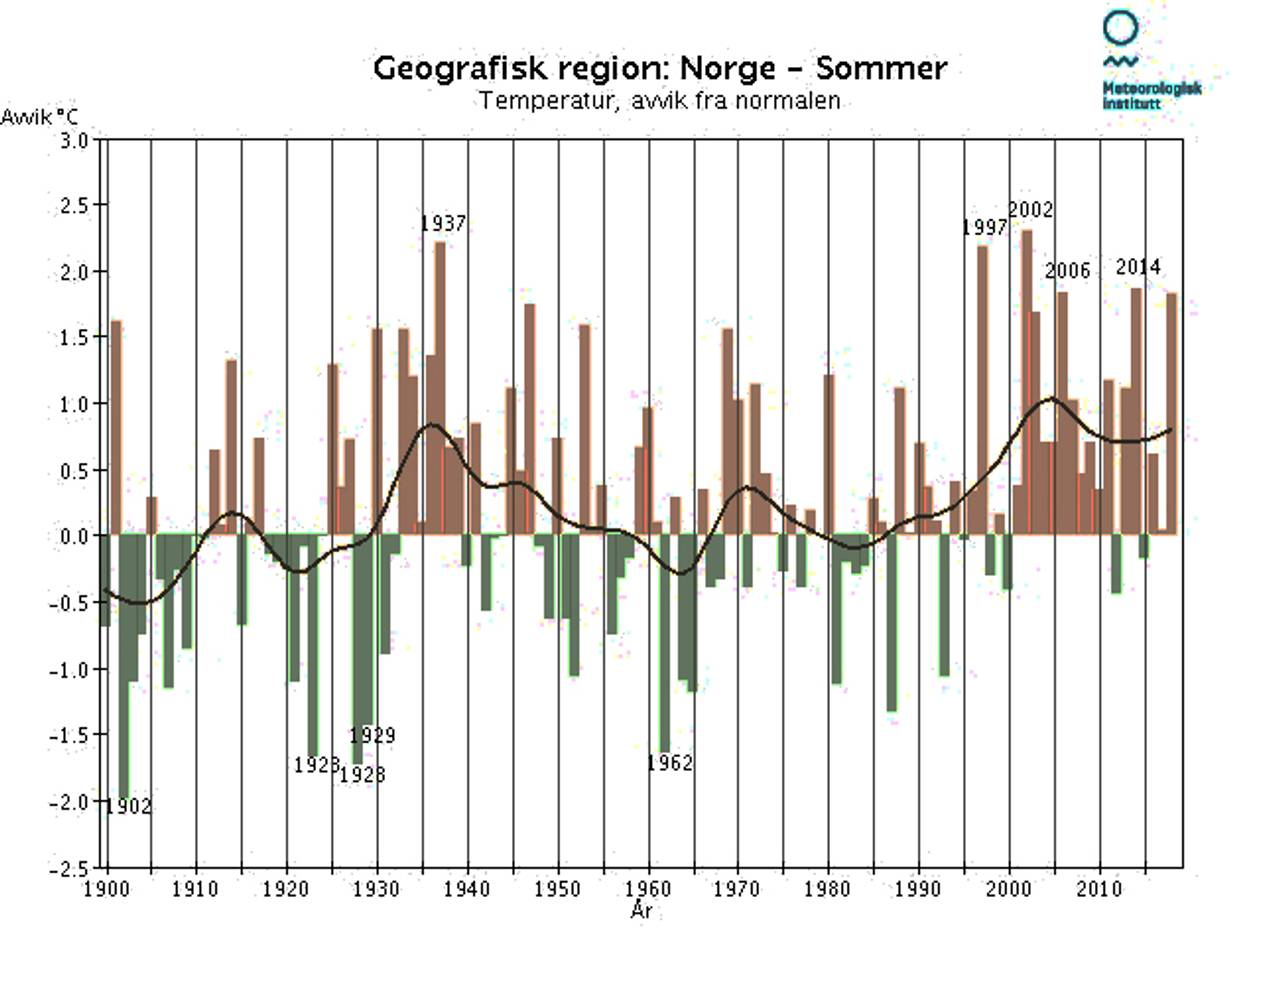 Temperatur-utvikling i Norge om sommeren 1900-2018